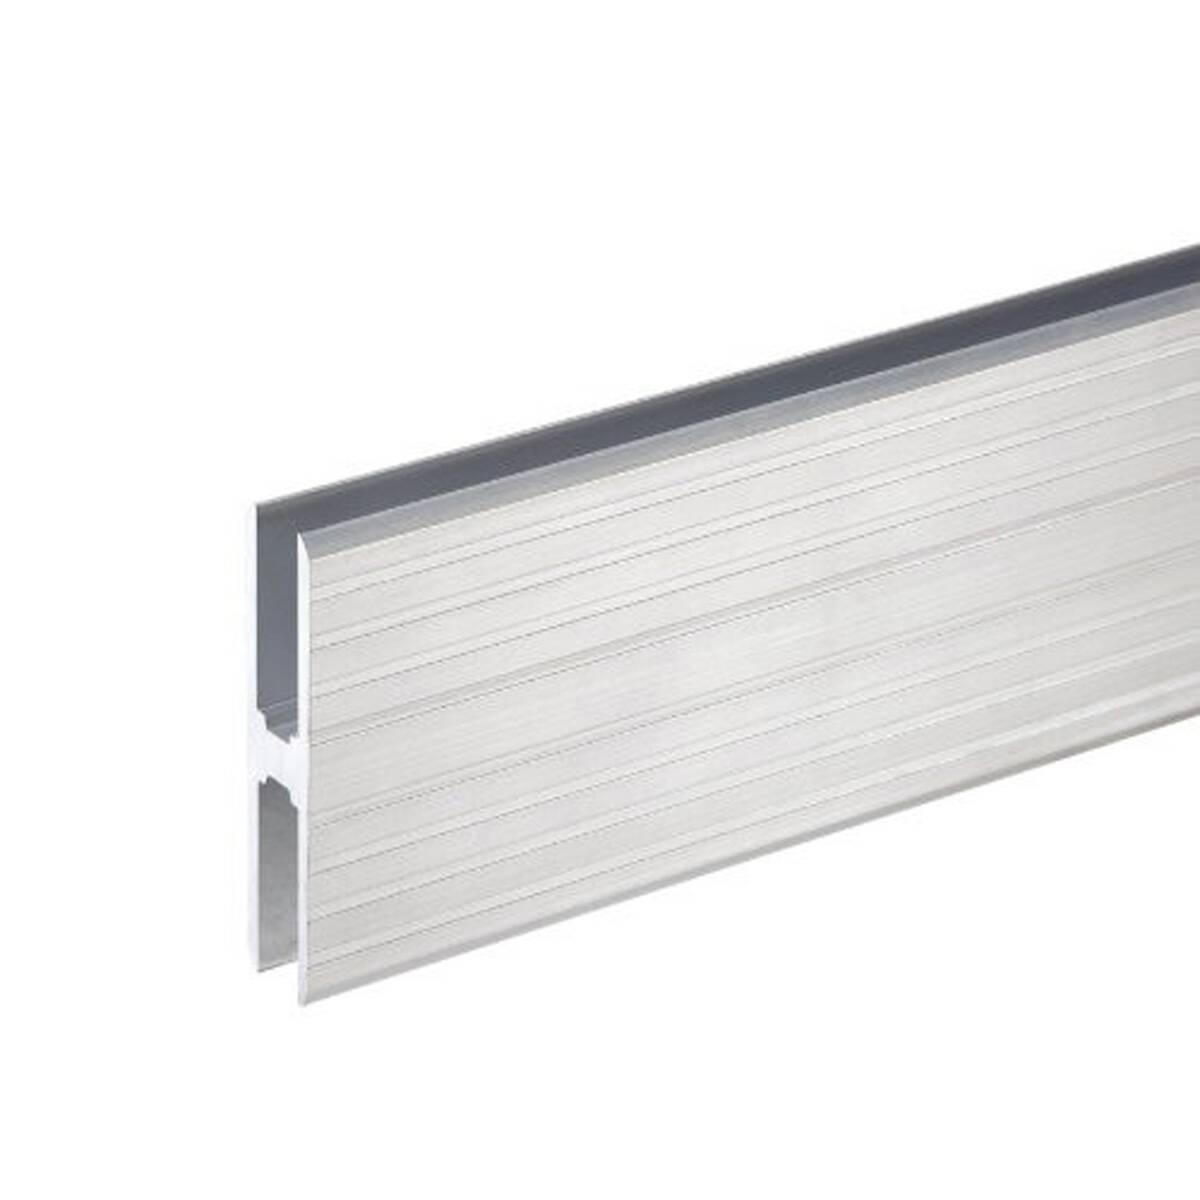 Brandneu Adam Hall 6127 Aluminium H-Profil 40 mm mit 10 mm Einschub CF93